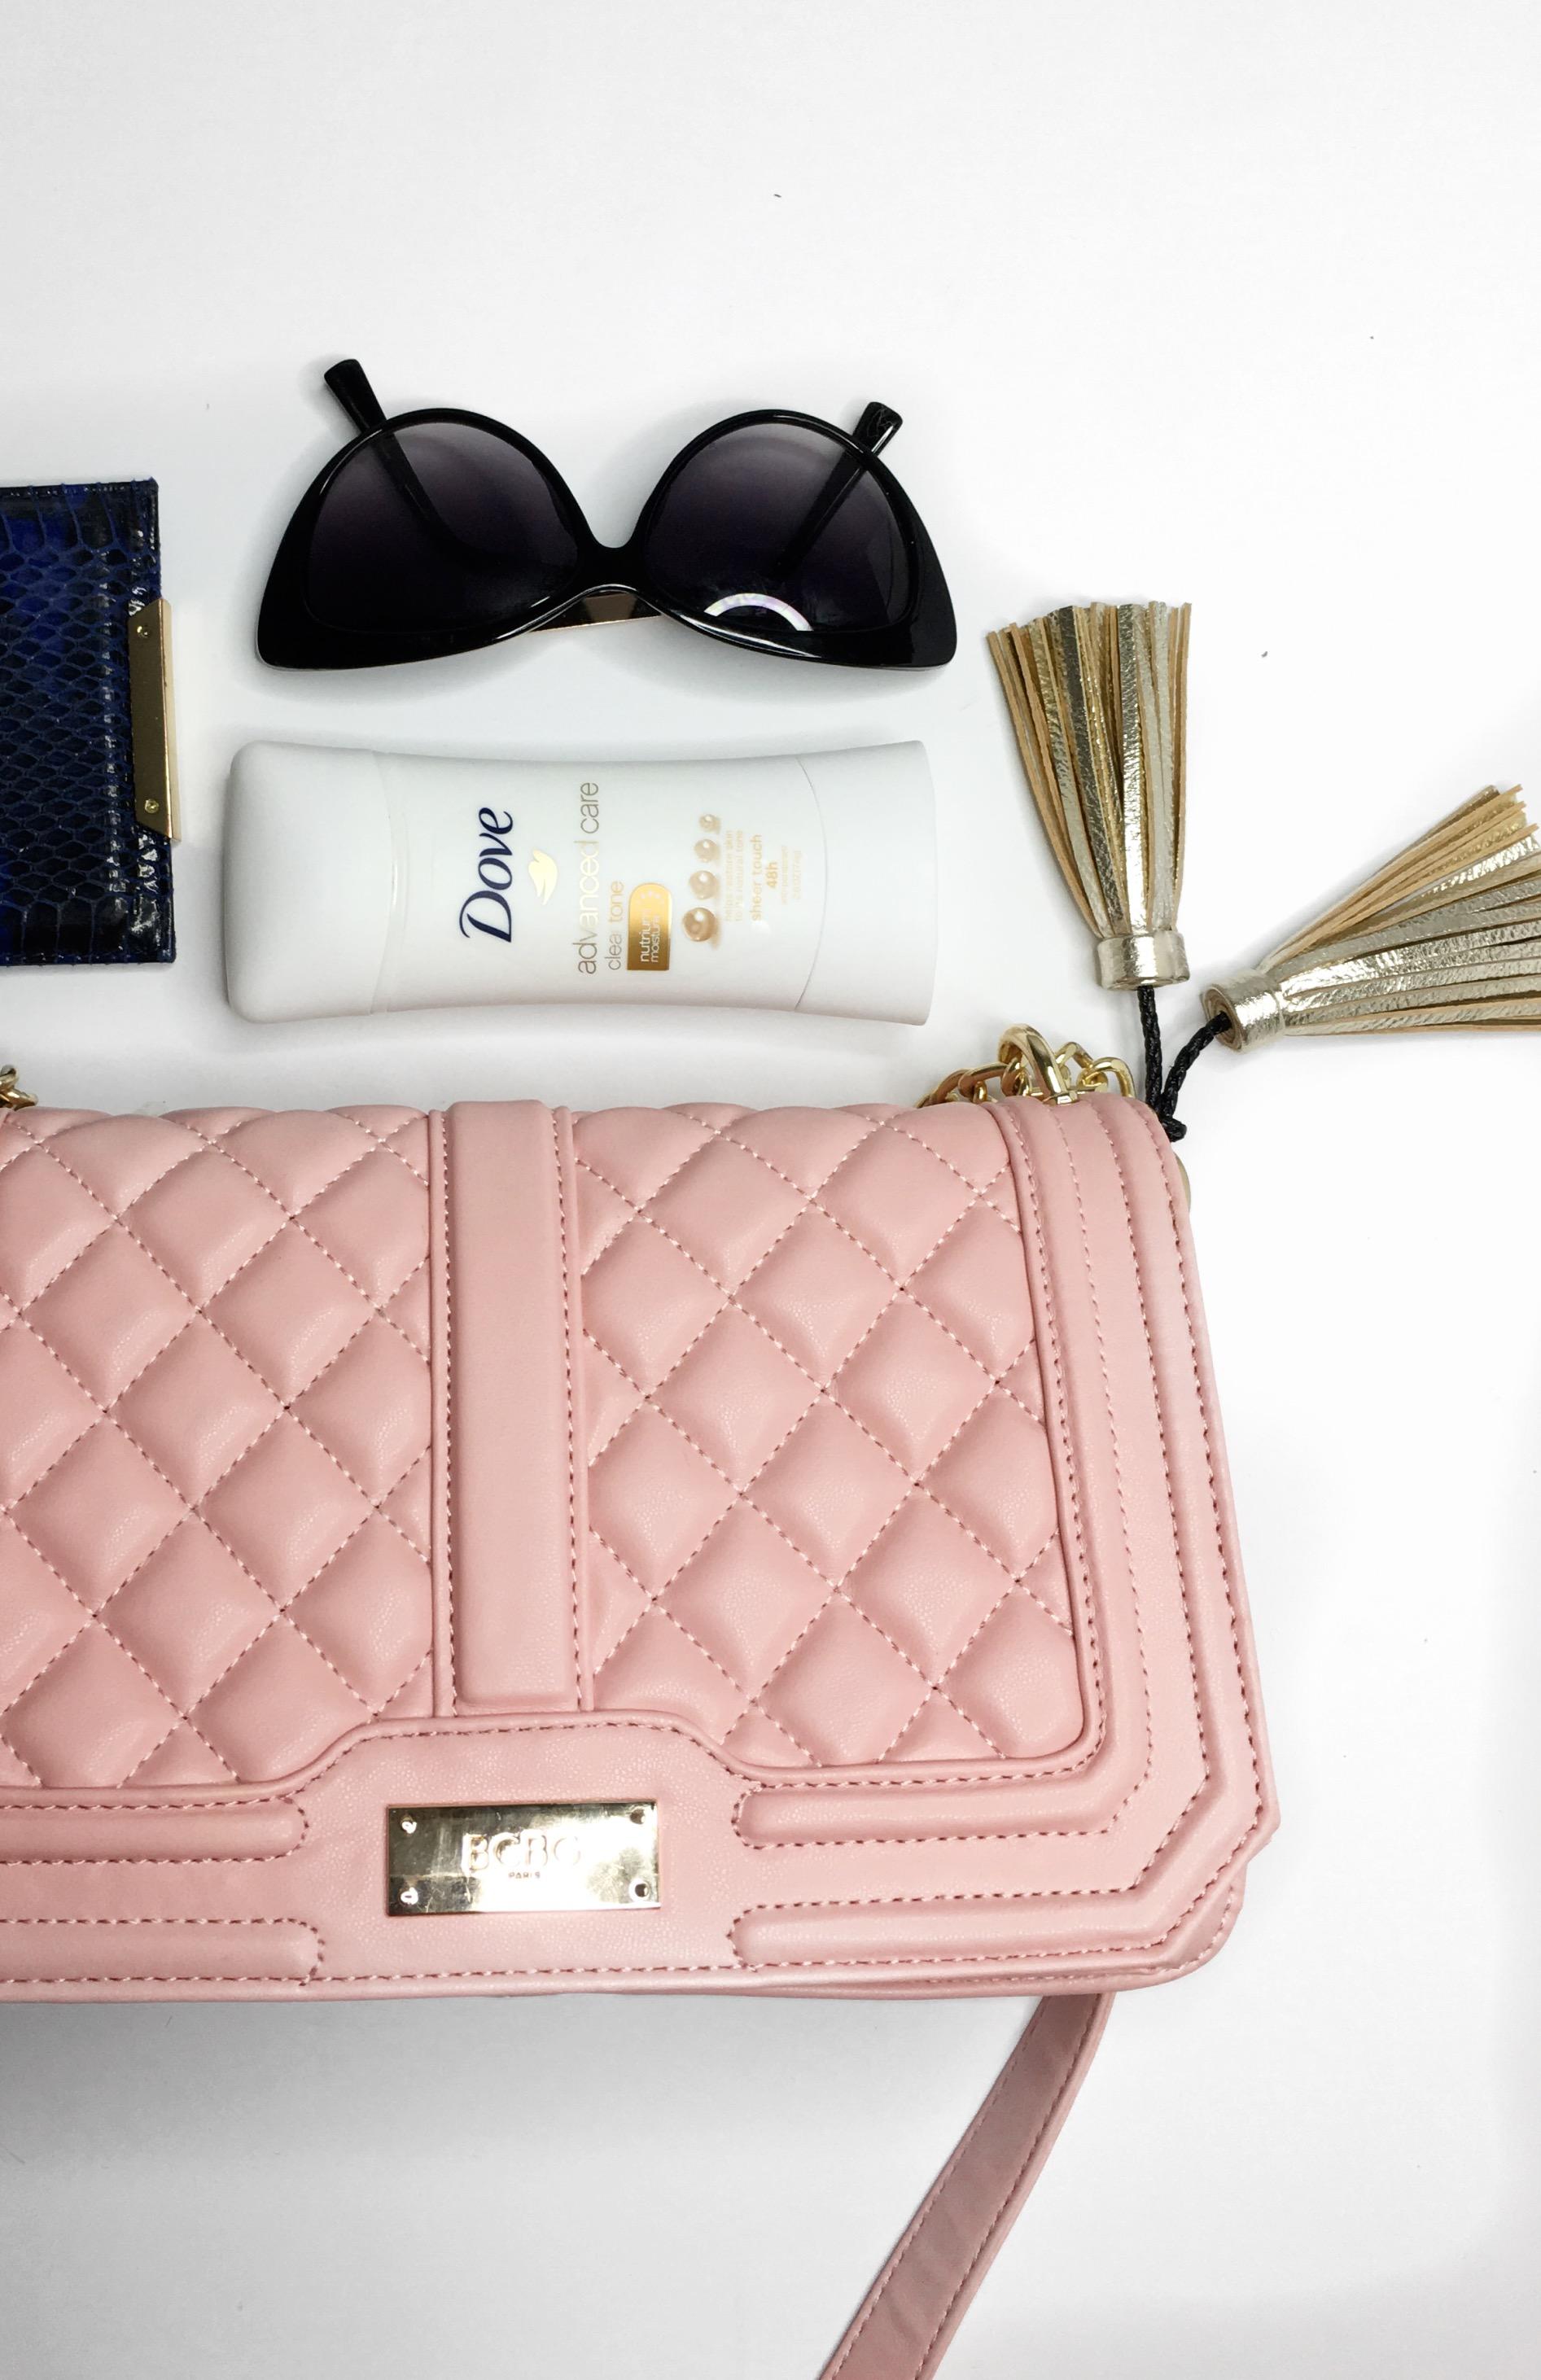 Dove and Handbag